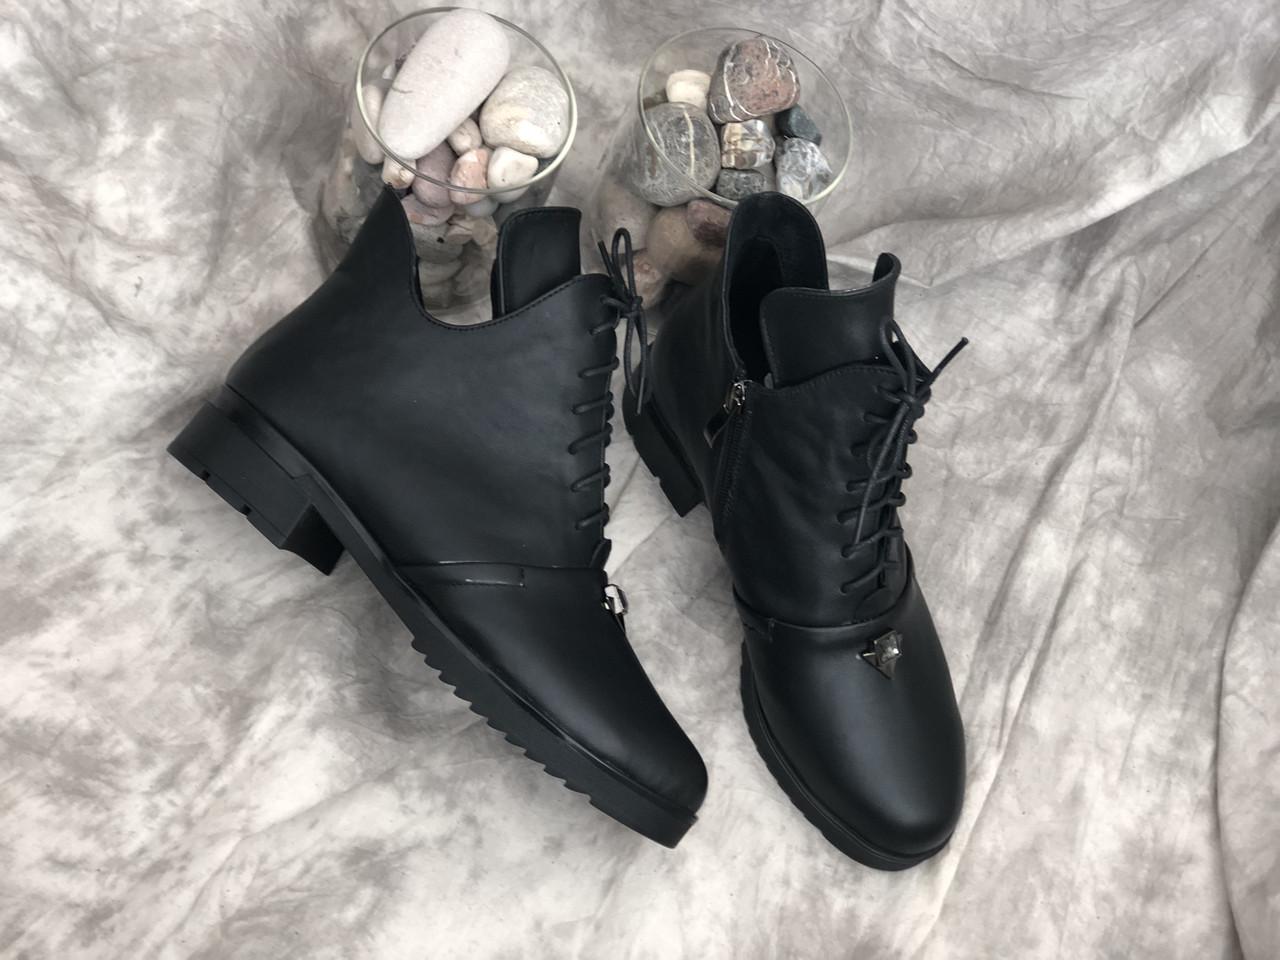 Кожаные женские демисезонные ботинки Salina 5583 ч/к размеры 37,38,39,41